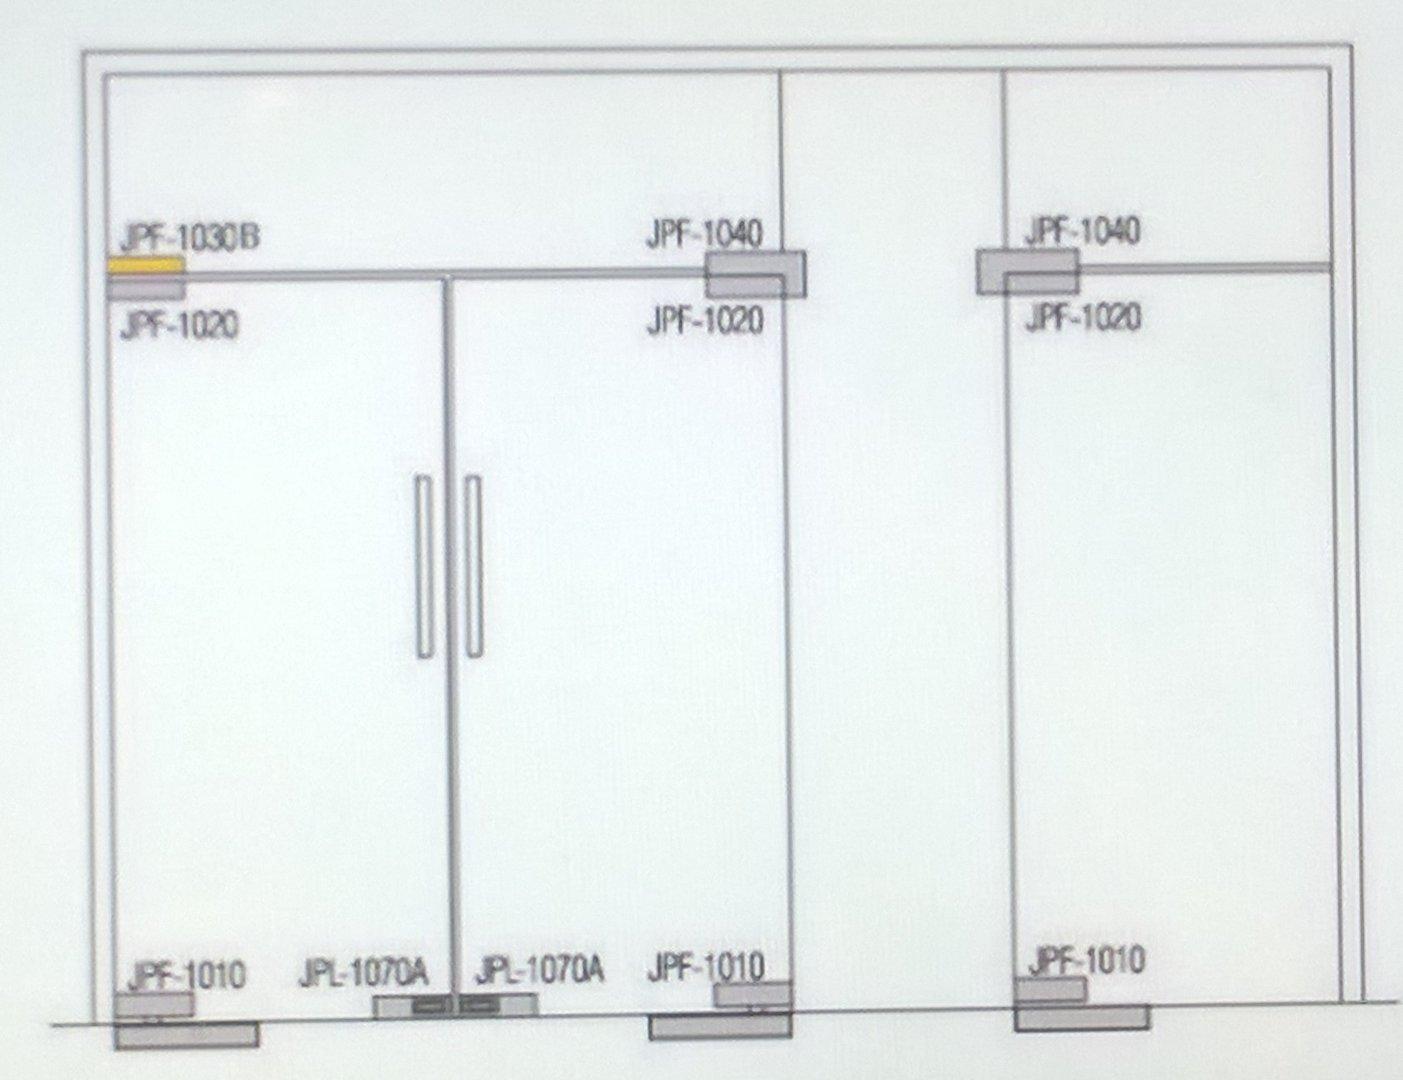 soporte recto para montar bisagra de puerta arriba montado al cristal superior